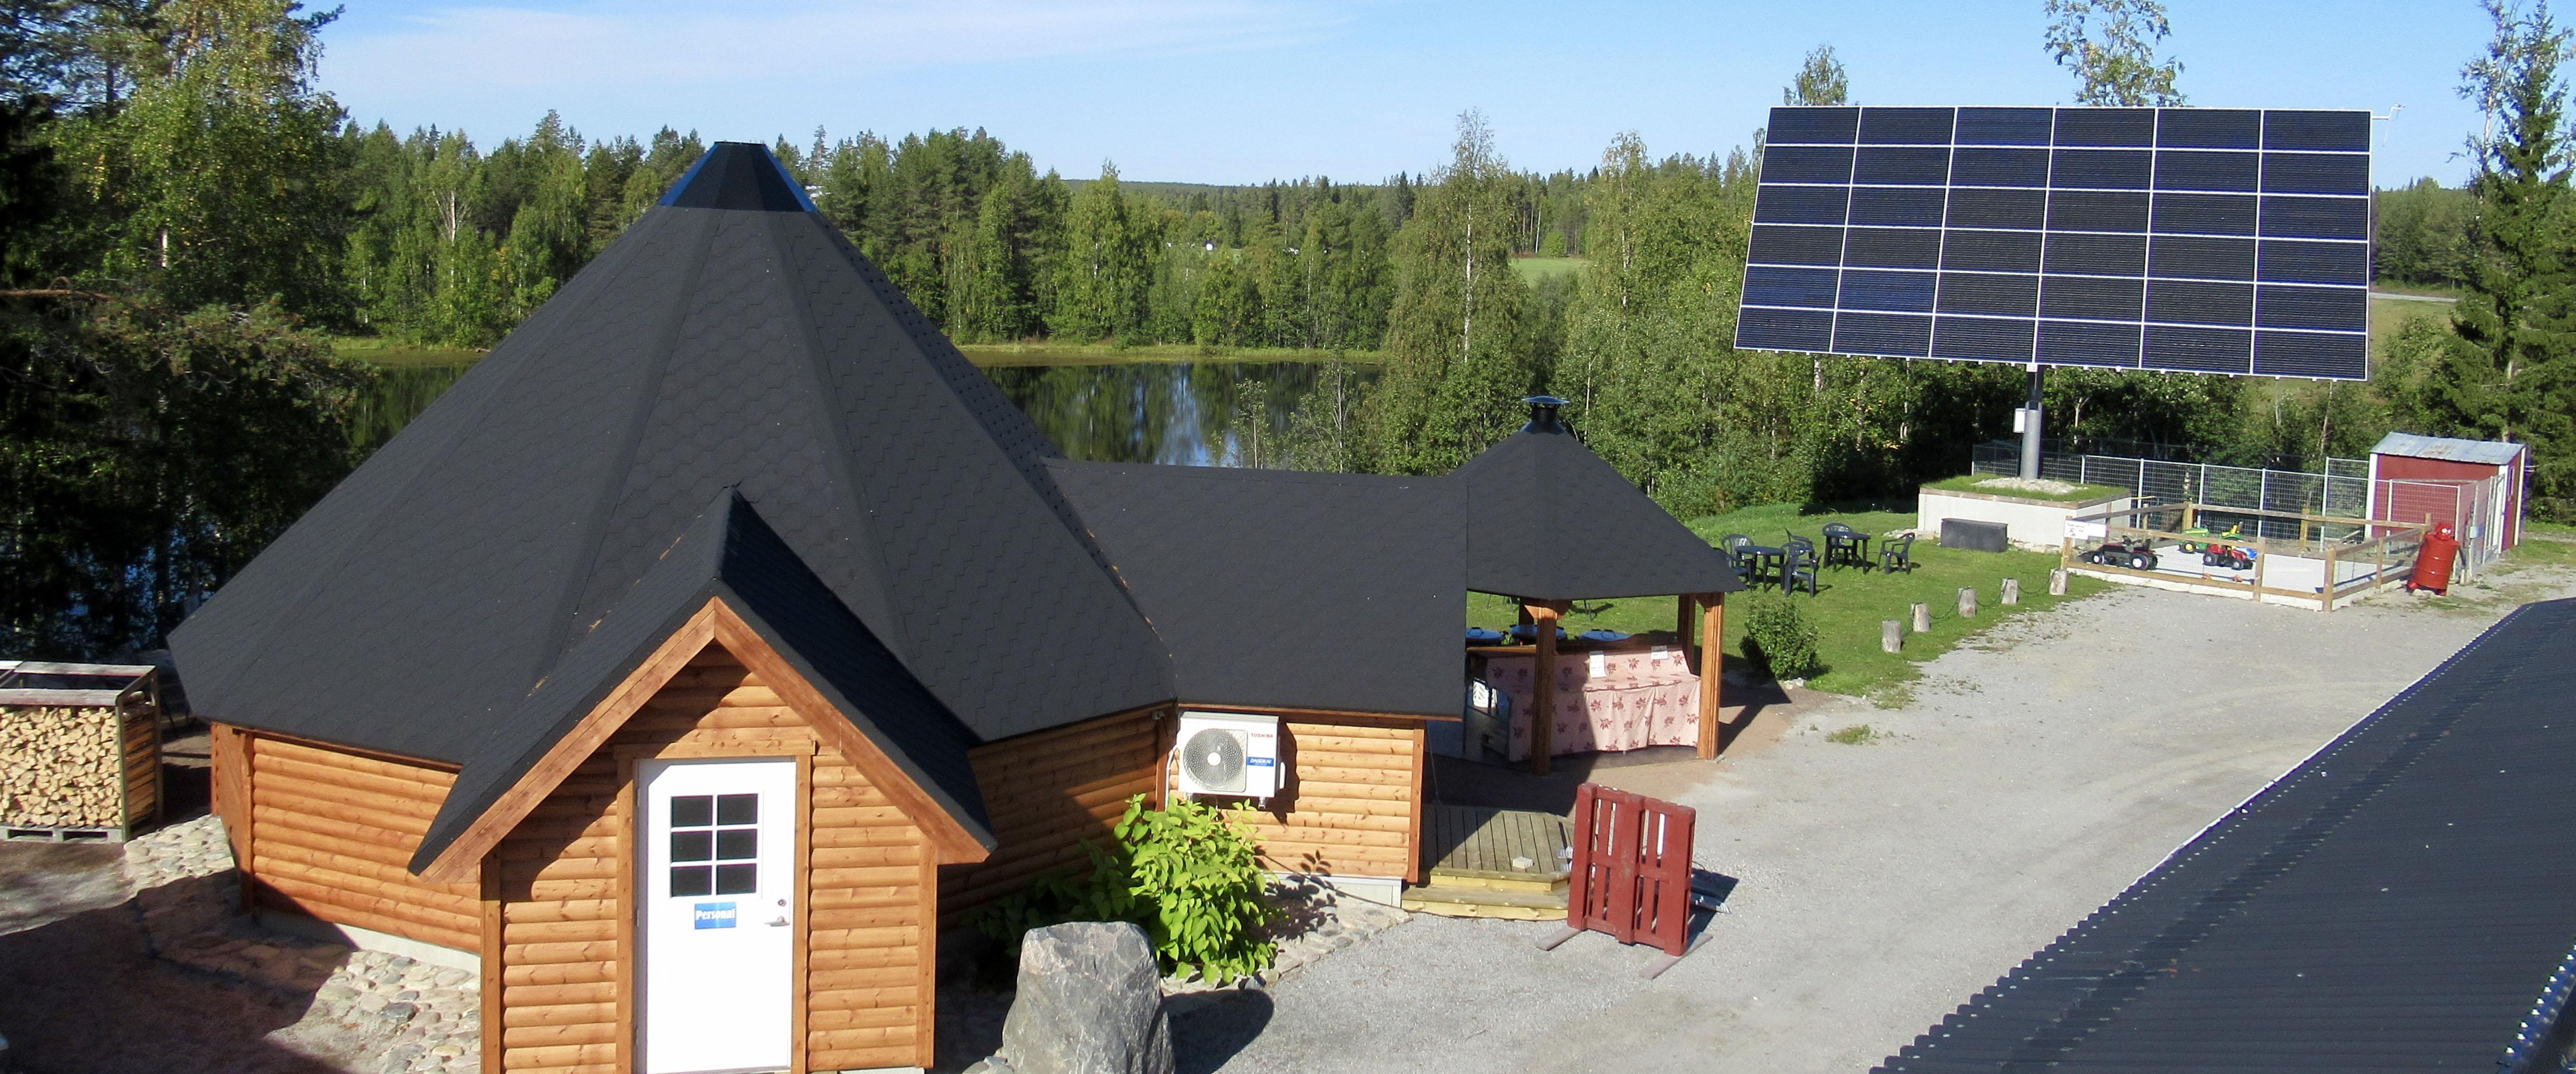 Kåtan och solceller hos AlterHeden.